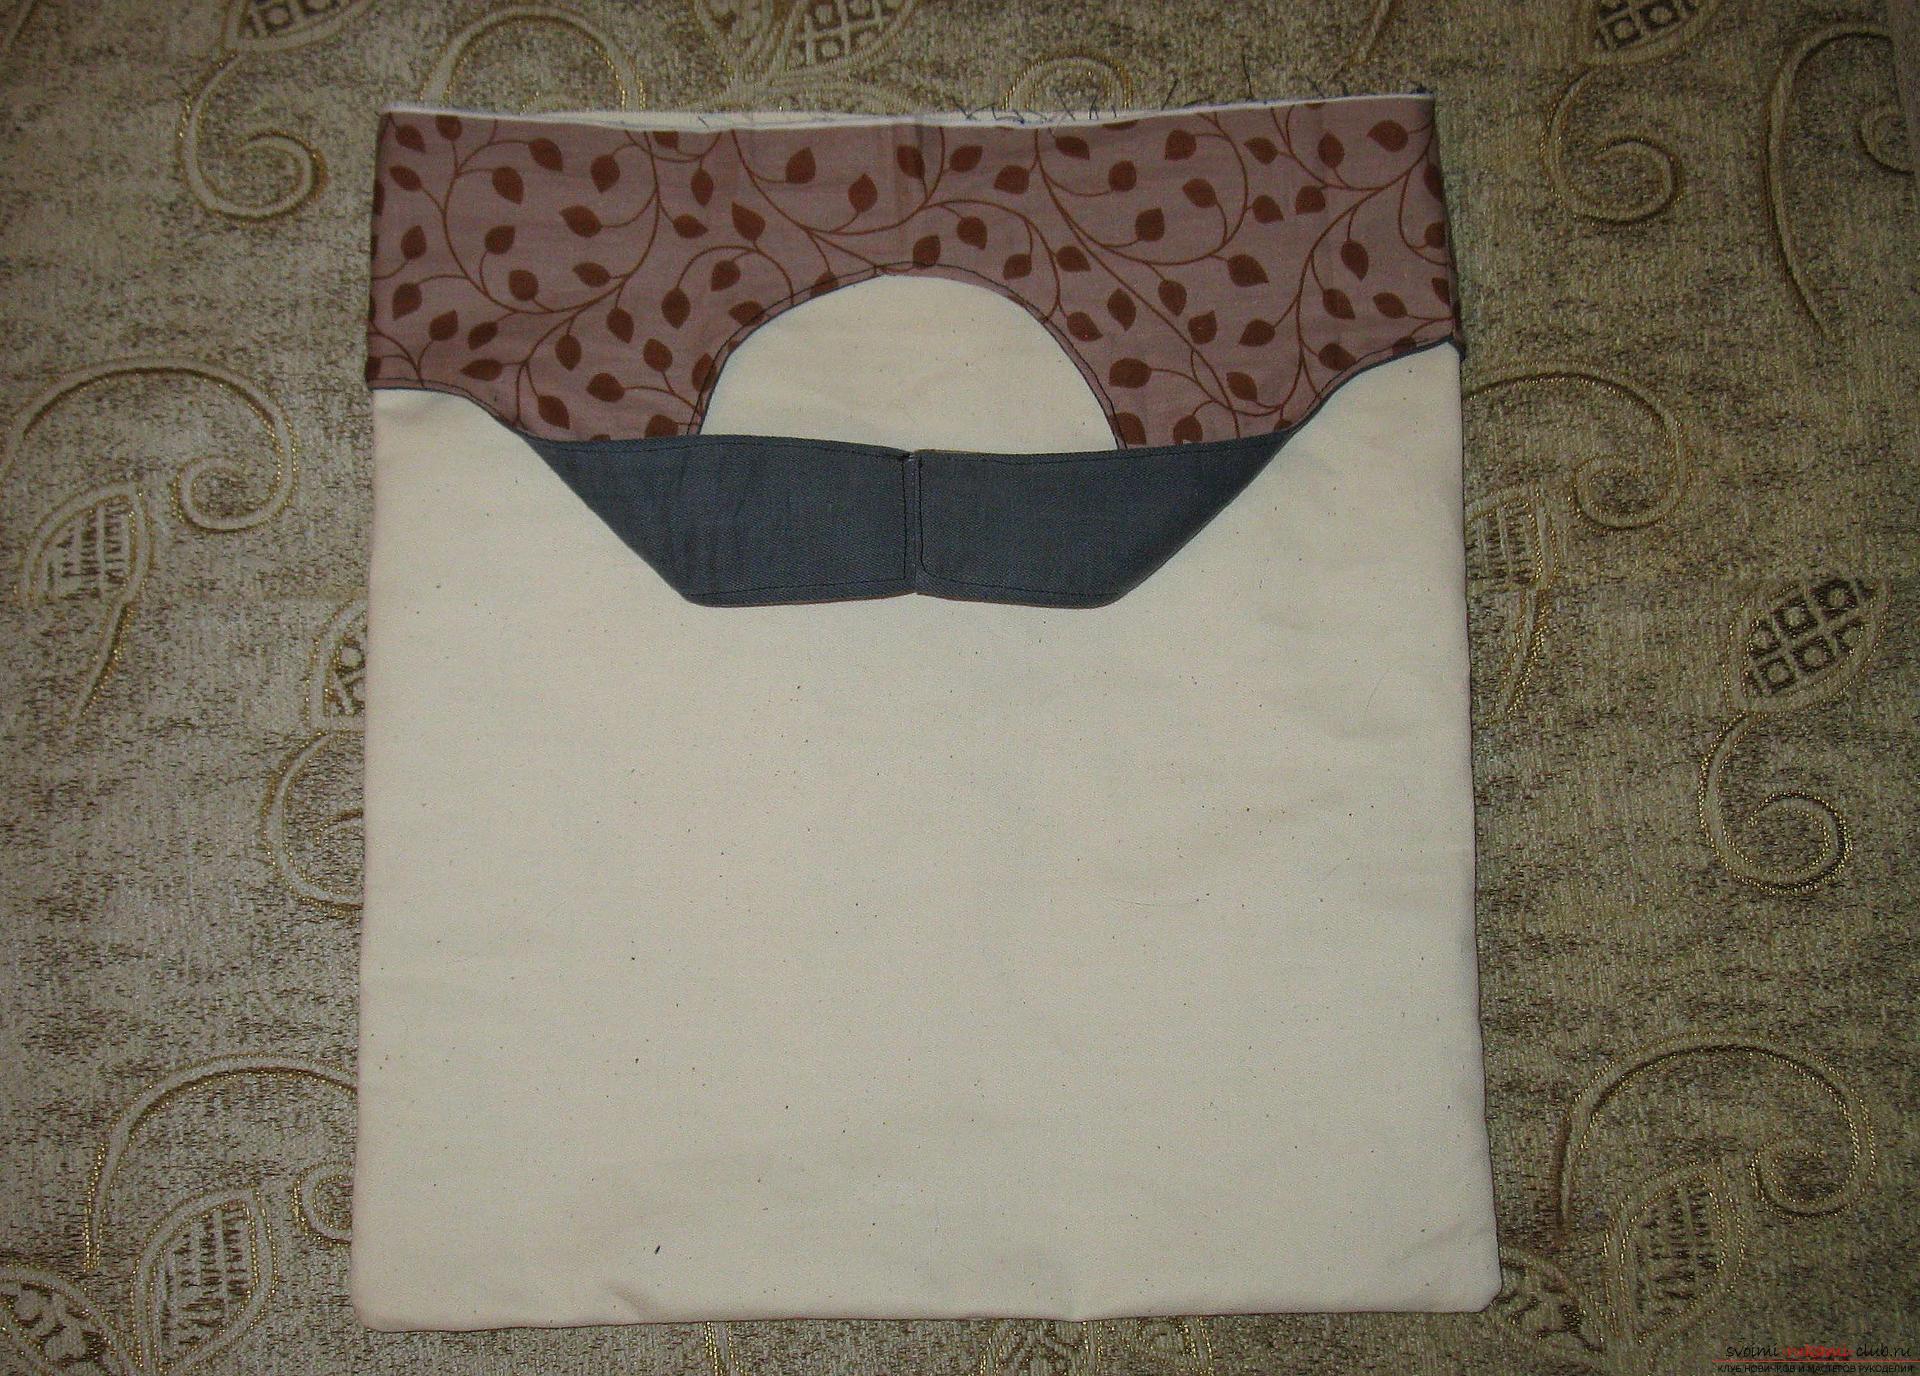 Пошаговые фото к уроку по пошиву хозяйственной сумки. Фото №13